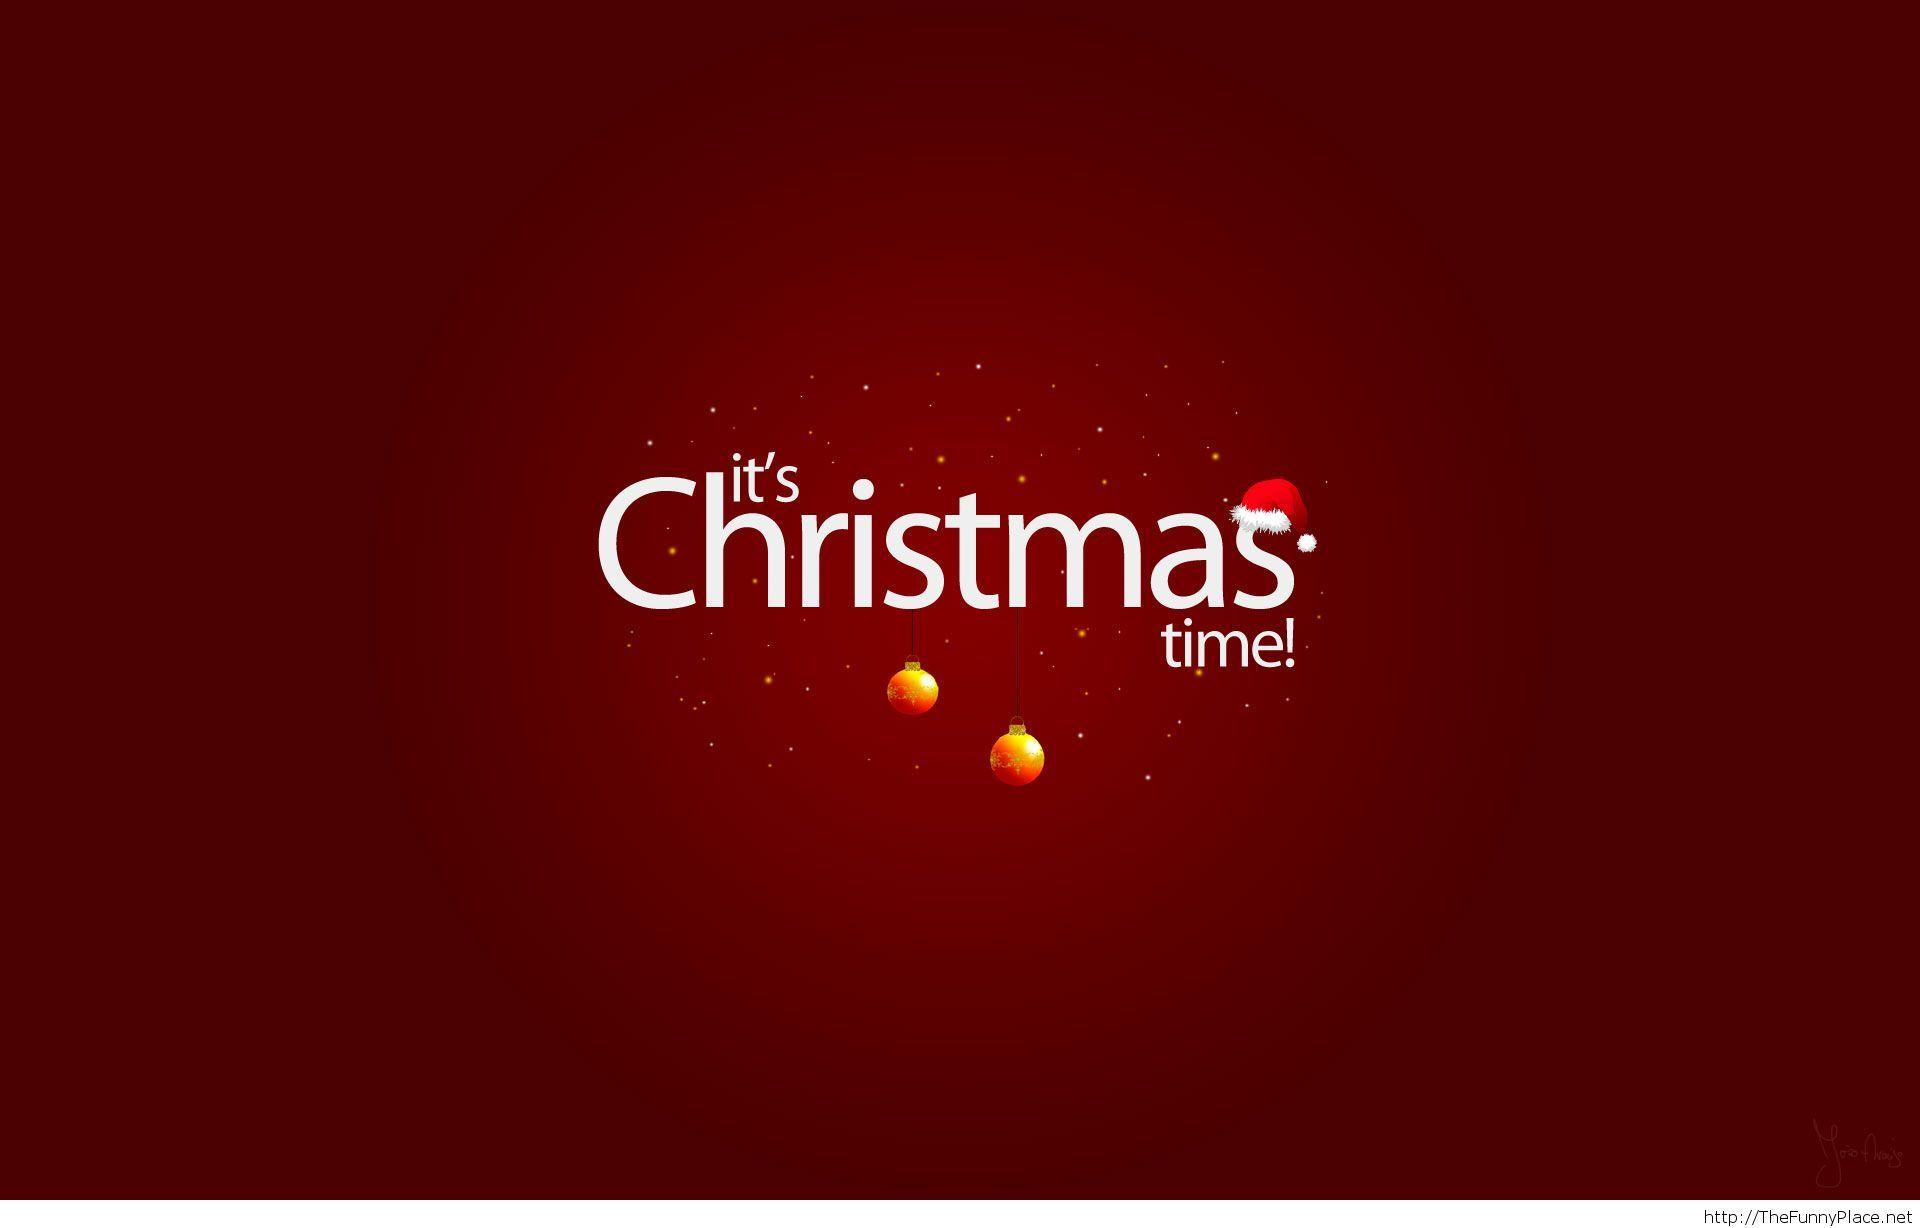 Christmas time HD wallpaper